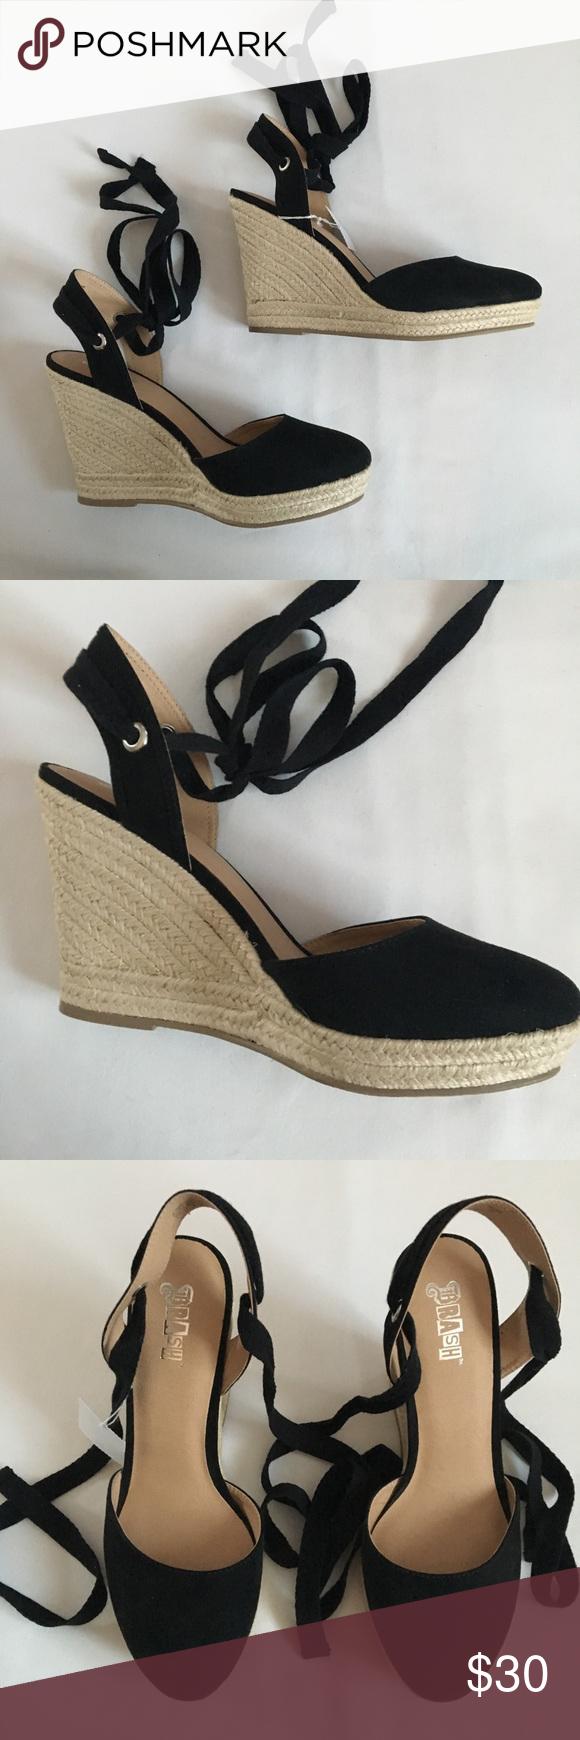 073264f59e9 NEW BRASH Black Wedge Sandals, Size 9 Woman's Escape Espadrille ...